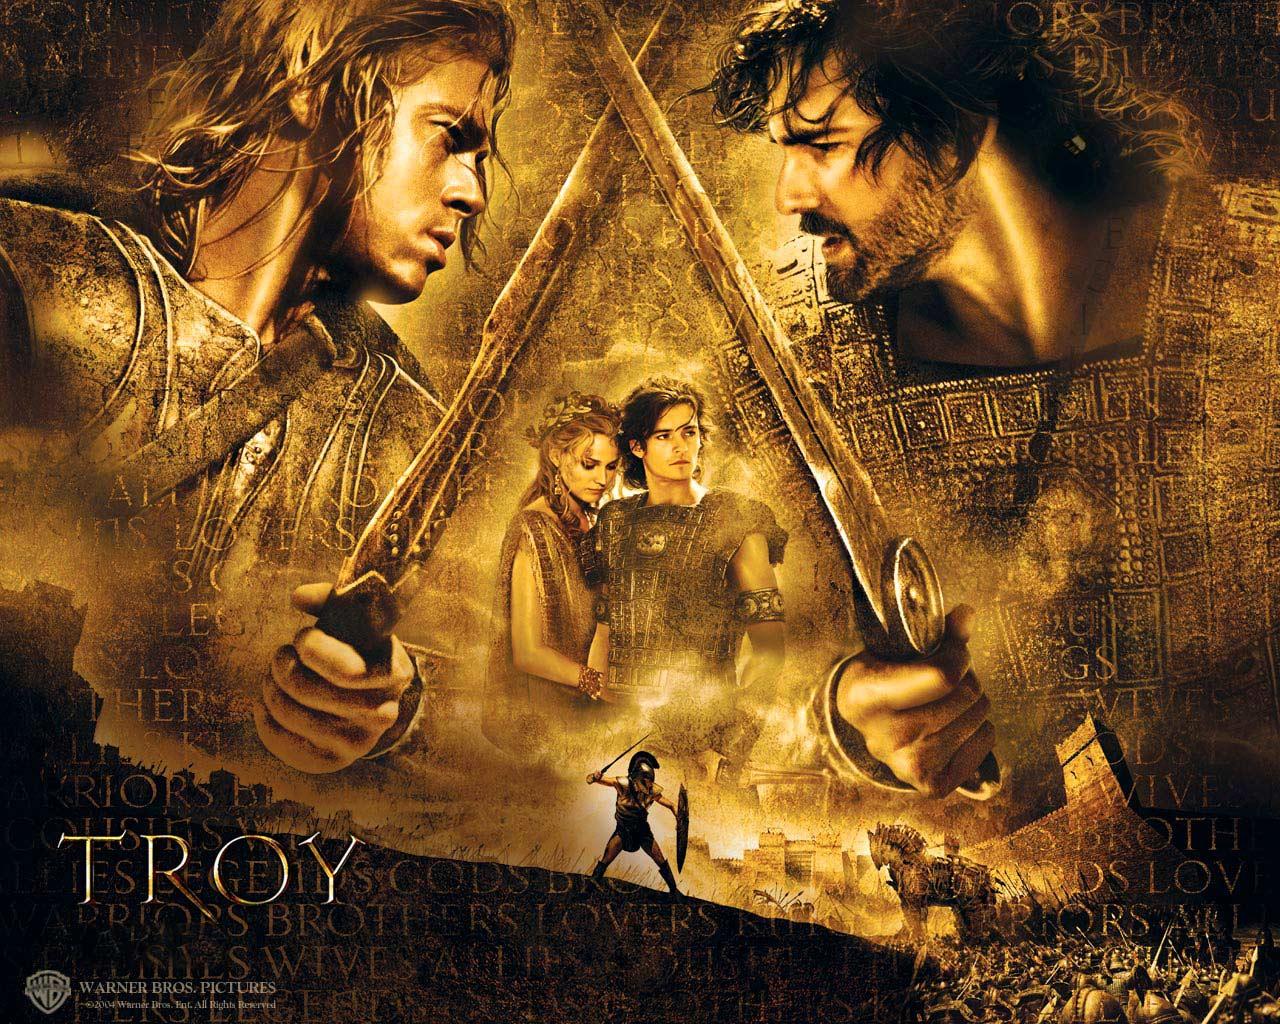 http://2.bp.blogspot.com/_1-qgKwF3xDI/TIPuoTWz9DI/AAAAAAAABLc/RCONRxhWu8M/s1600/Troy+02.jpg